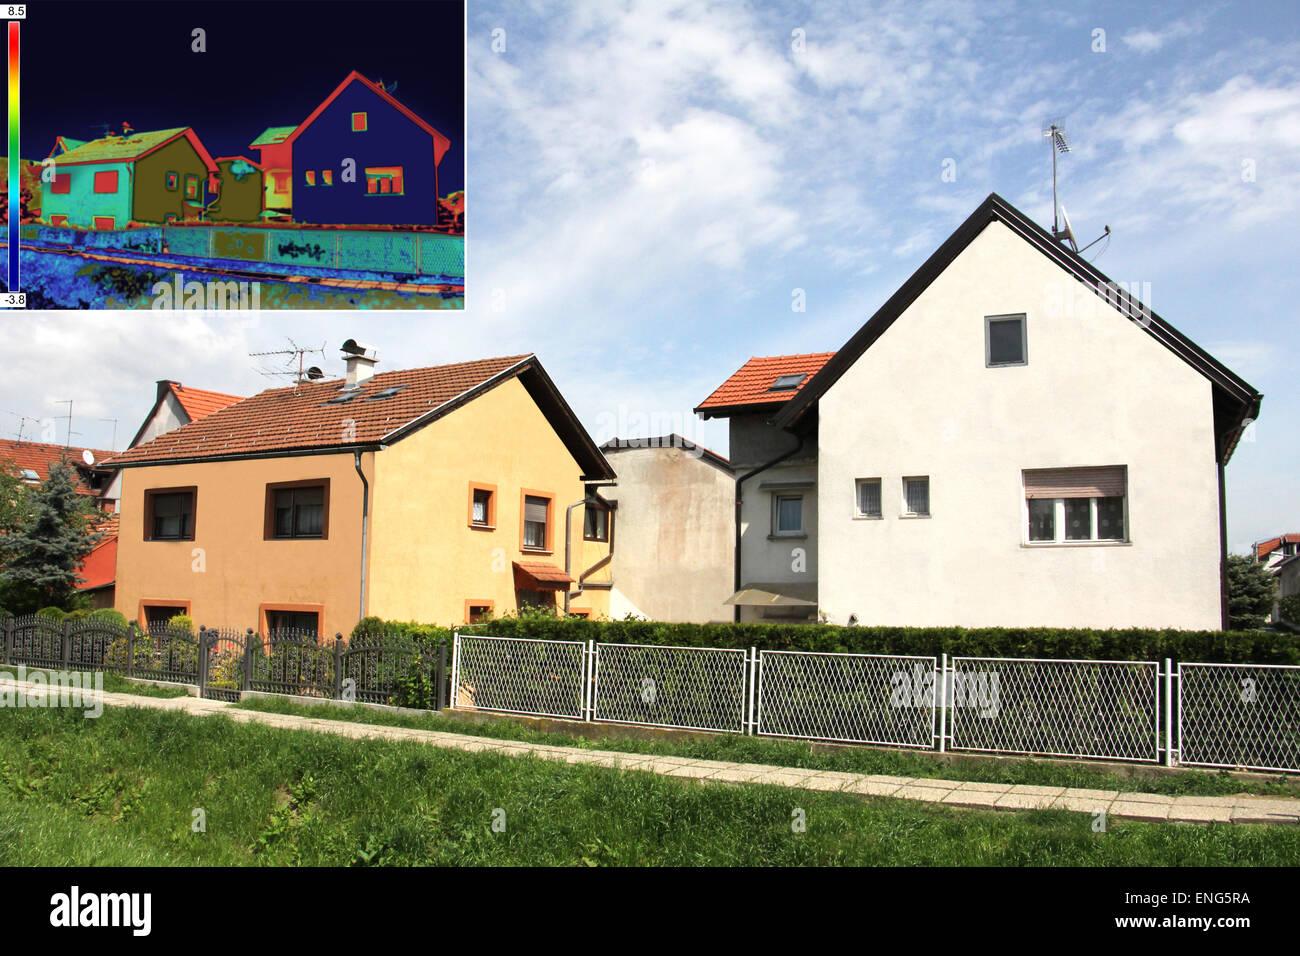 Infrarot-Thermografie-Bild zeigt mangelnde Wärmedämmung am Haus ...